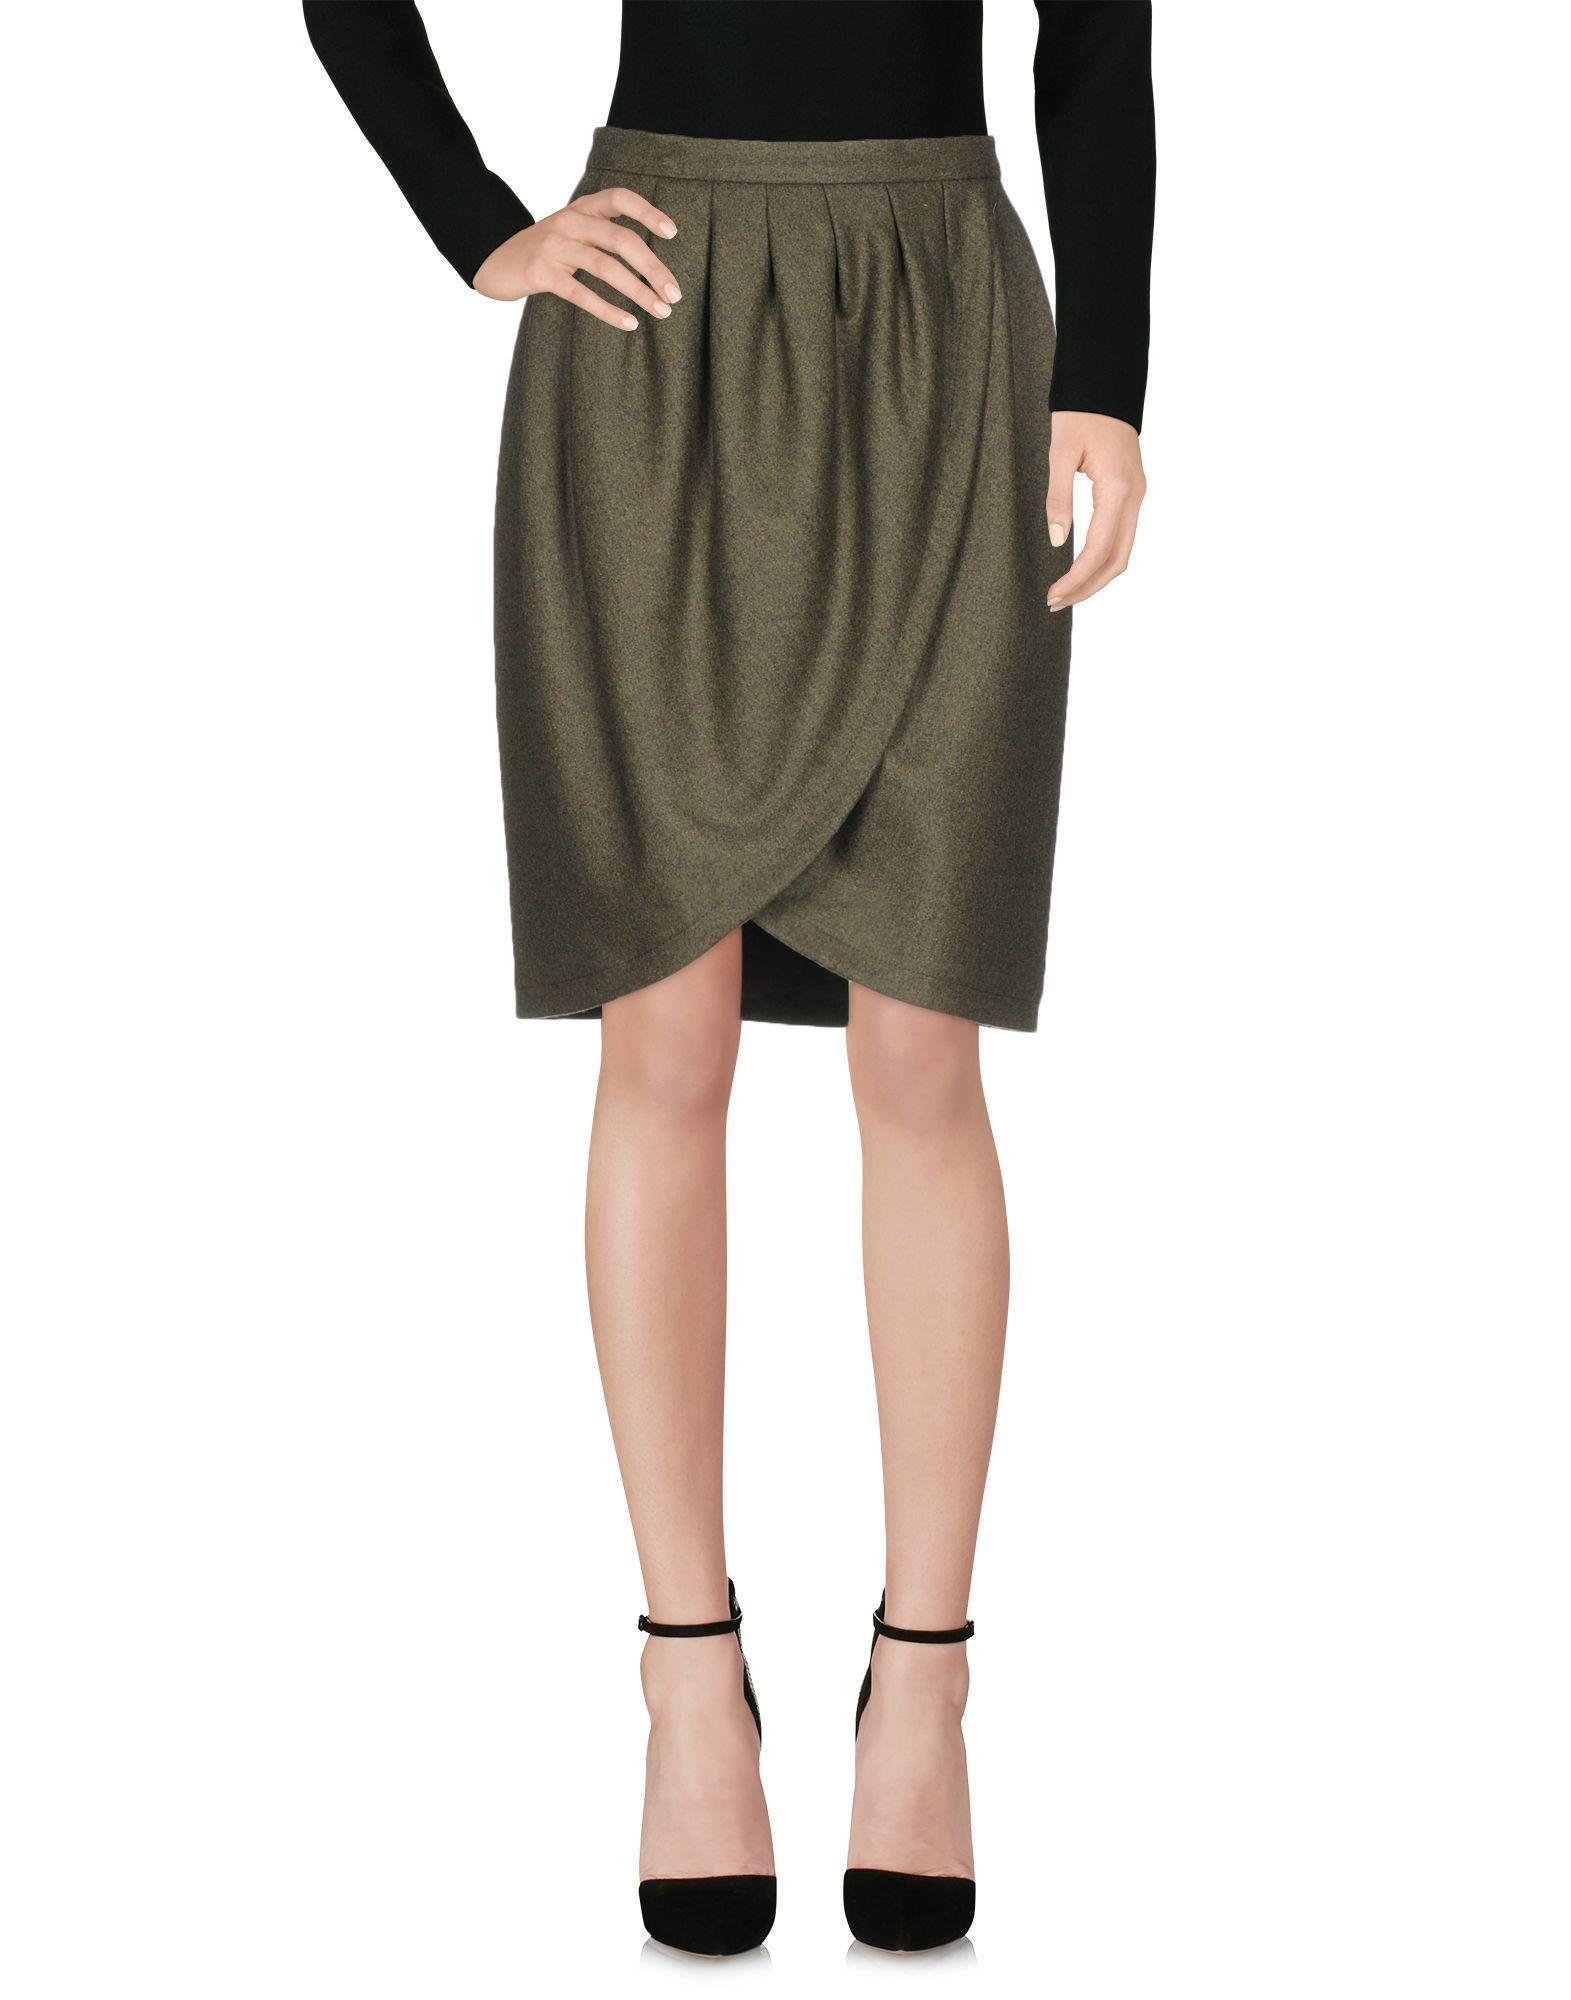 Michael Kors Knee Length Skirt In Military Green